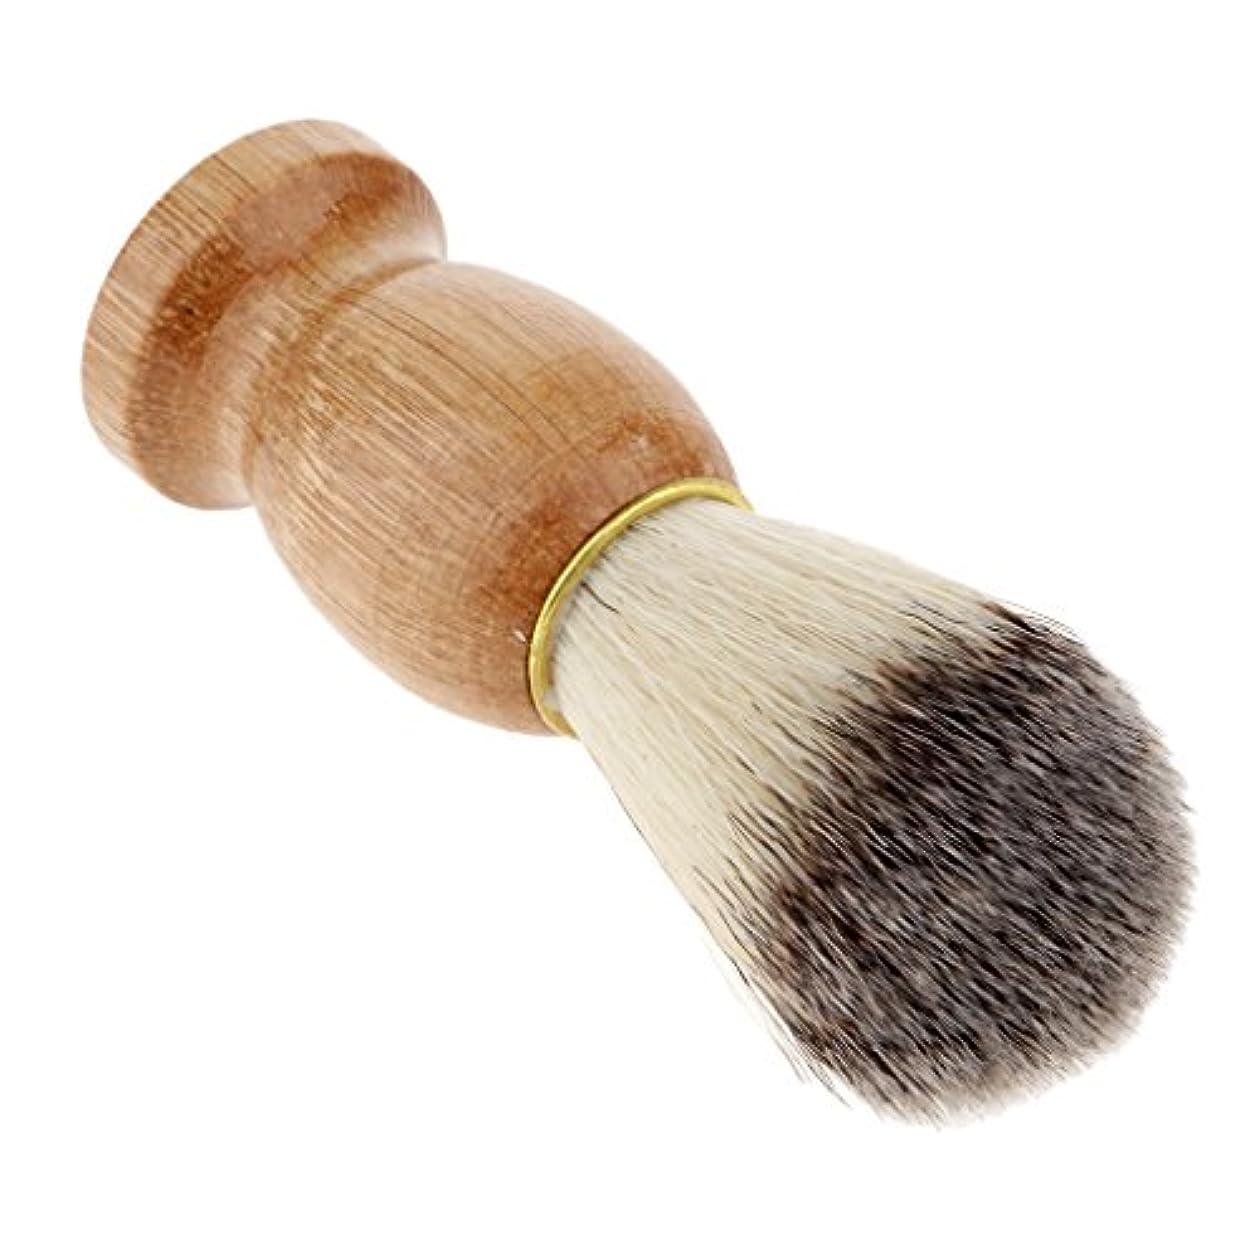 大胆枯れる禁止する人のための専門の木製の剃るブラシ、良質の木の剃毛用具